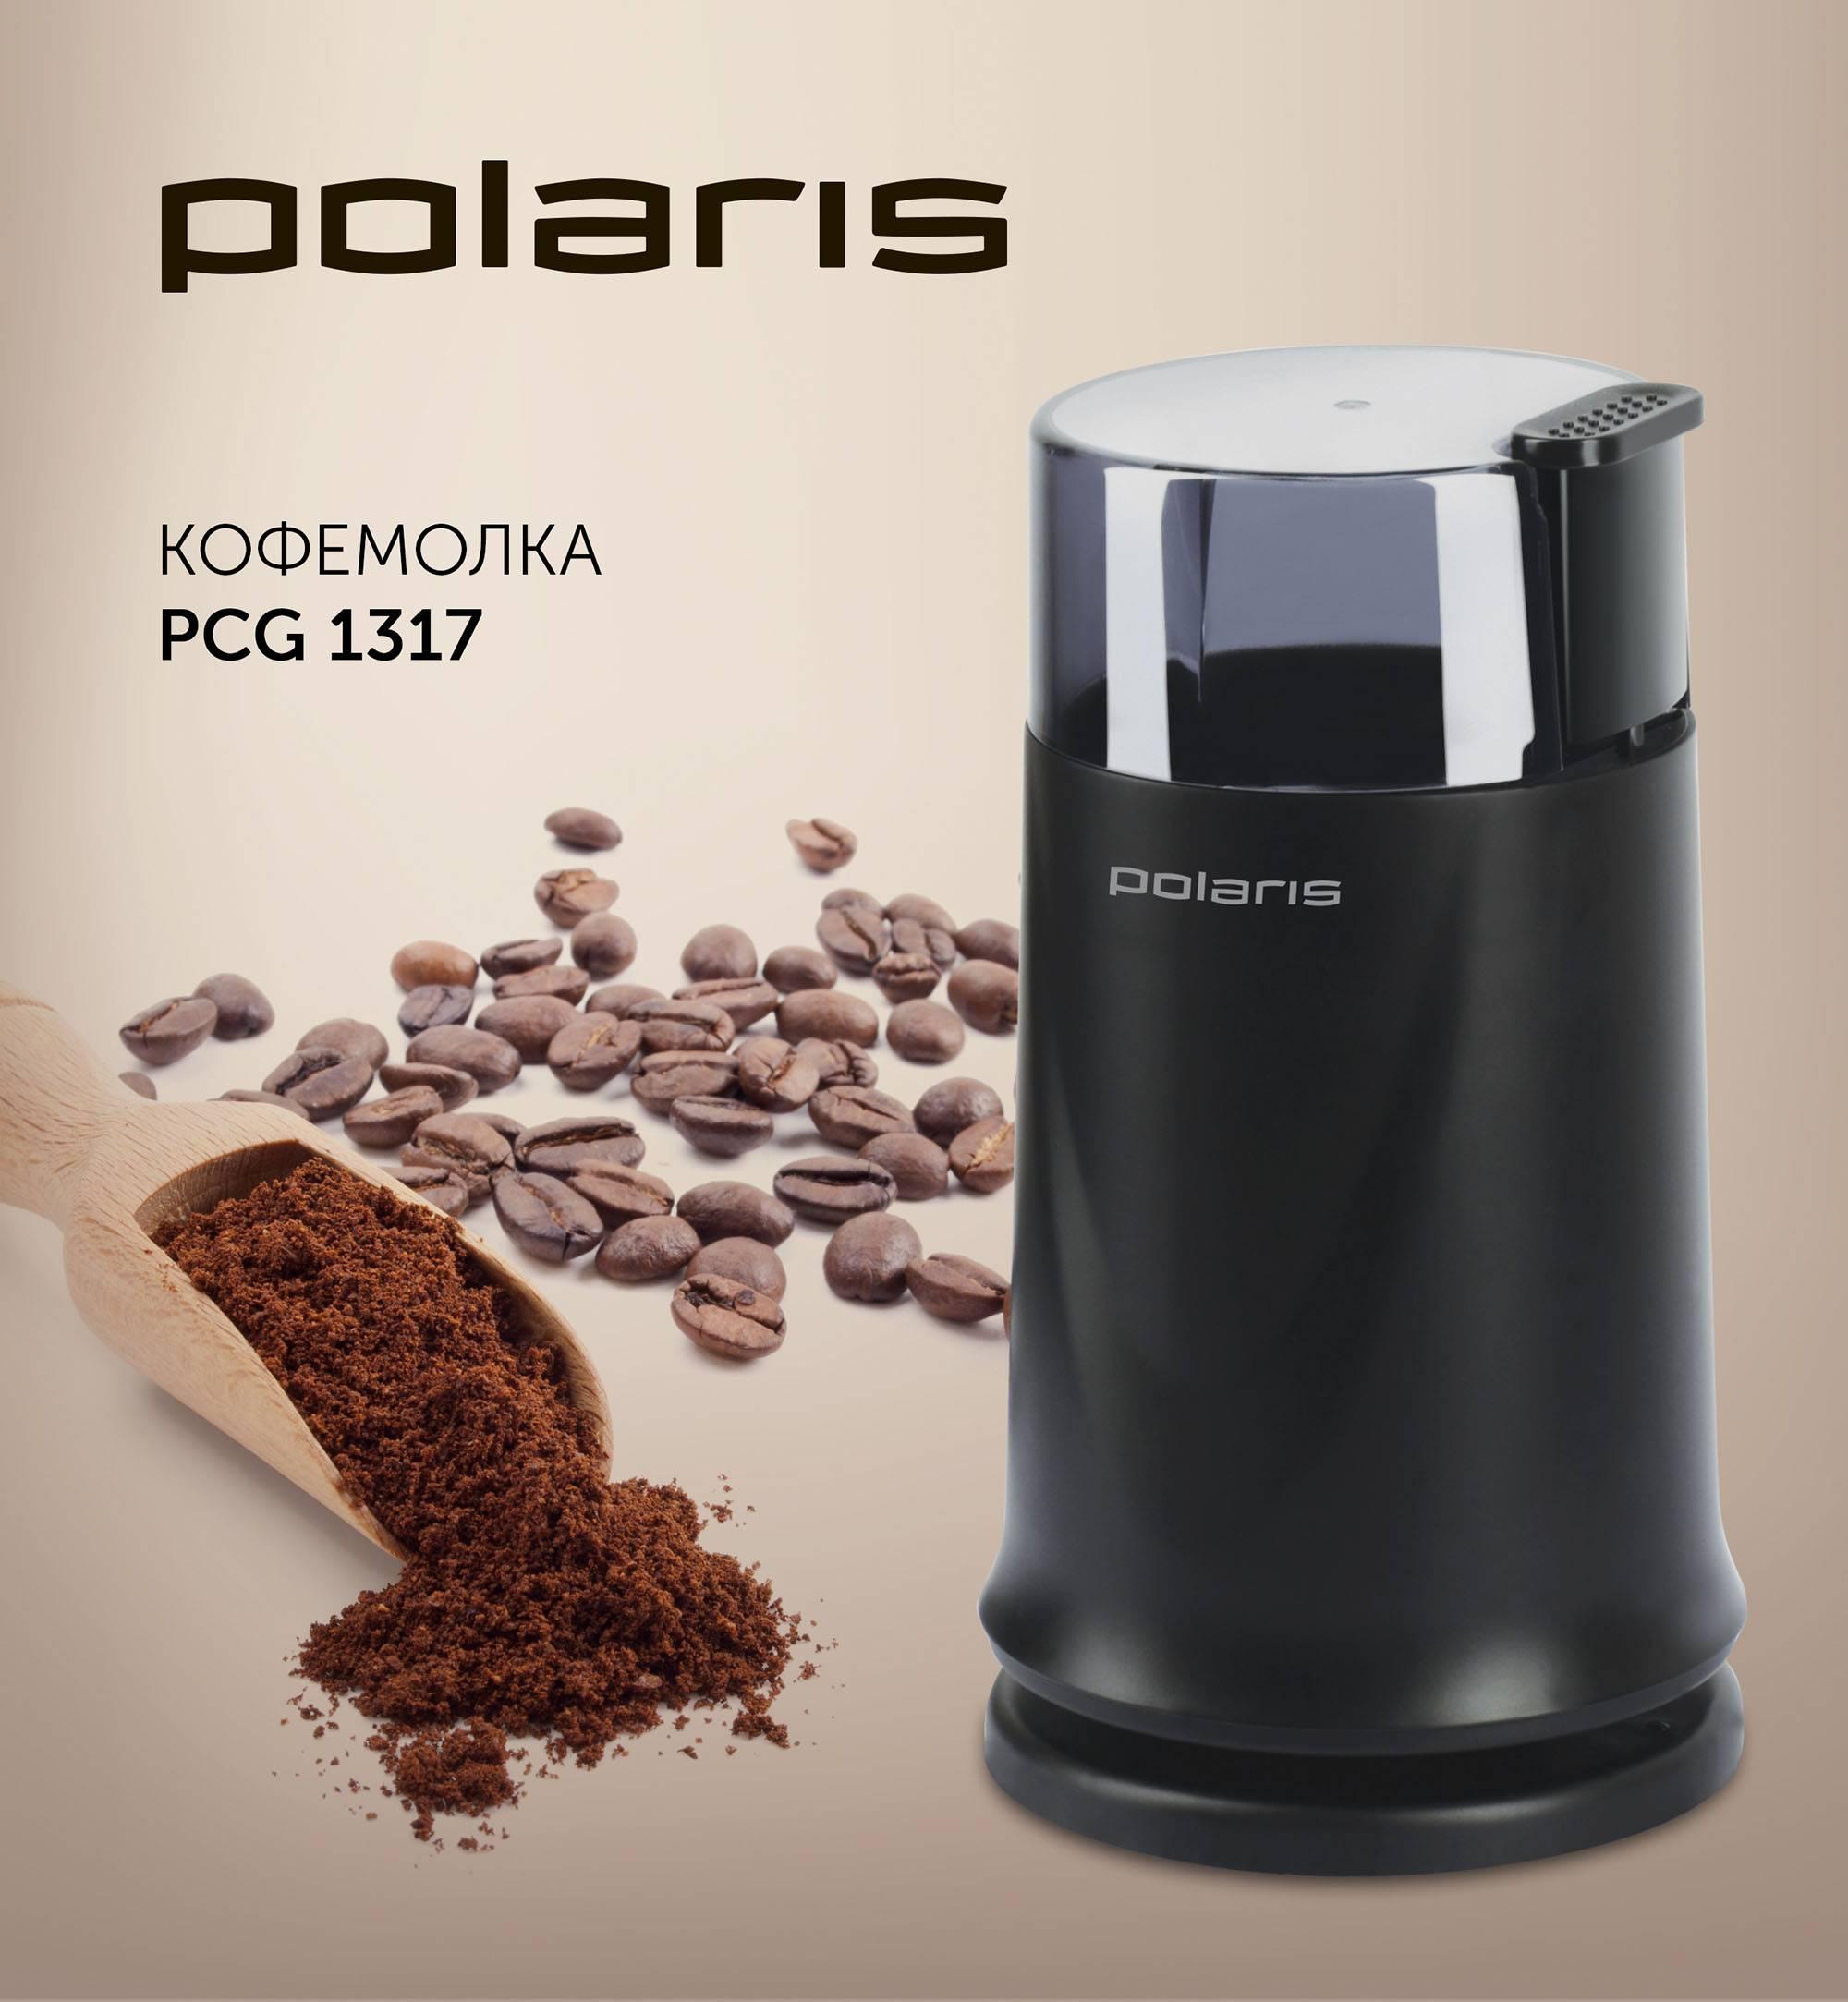 Снегоход polaris widetrack lx 500 технические характеристики, двигатель, отзывы владельцев, цена, видео